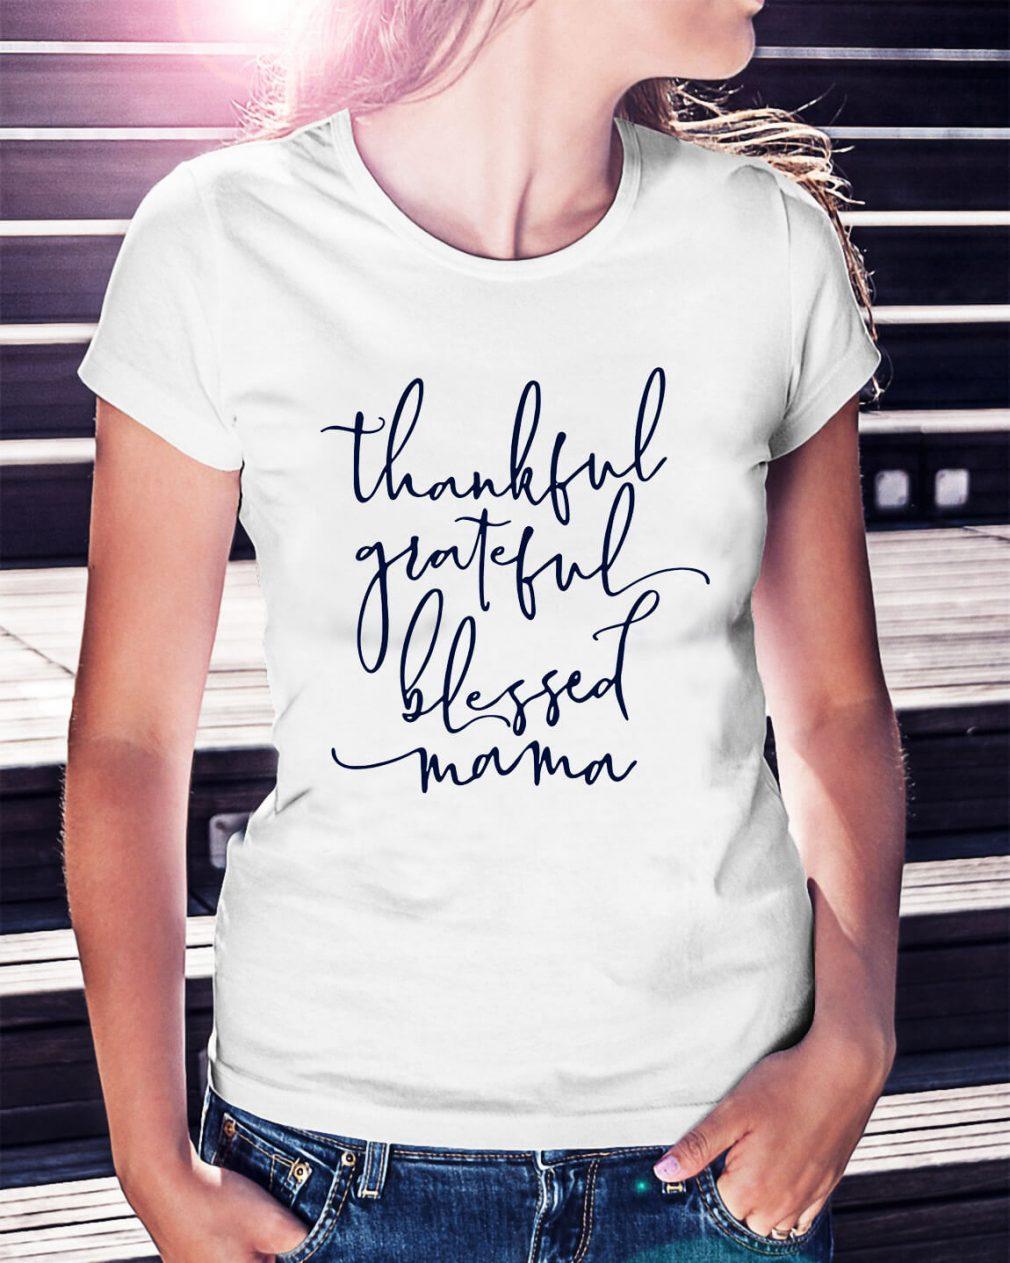 Thankful grateful blessed Mama Ladies Tee